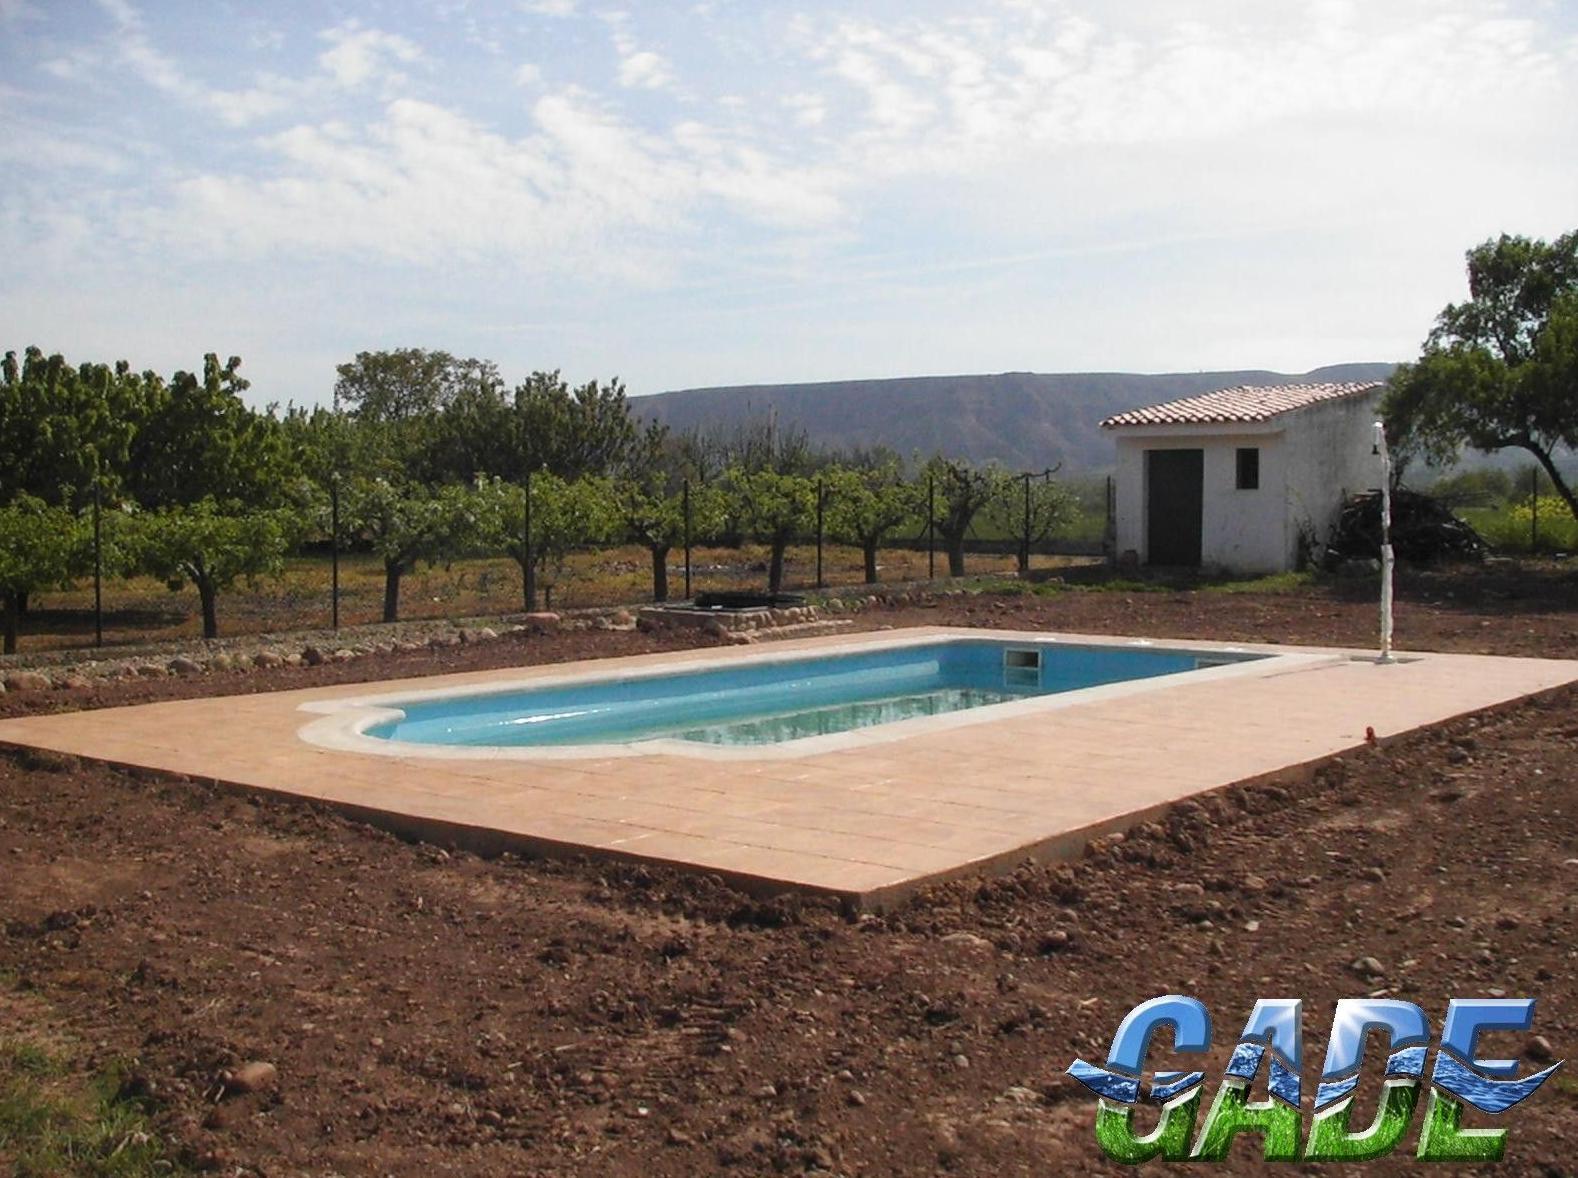 Cubiertas motorizadas de piscinas en la rioja y todo tipo for Piscinas de jardin